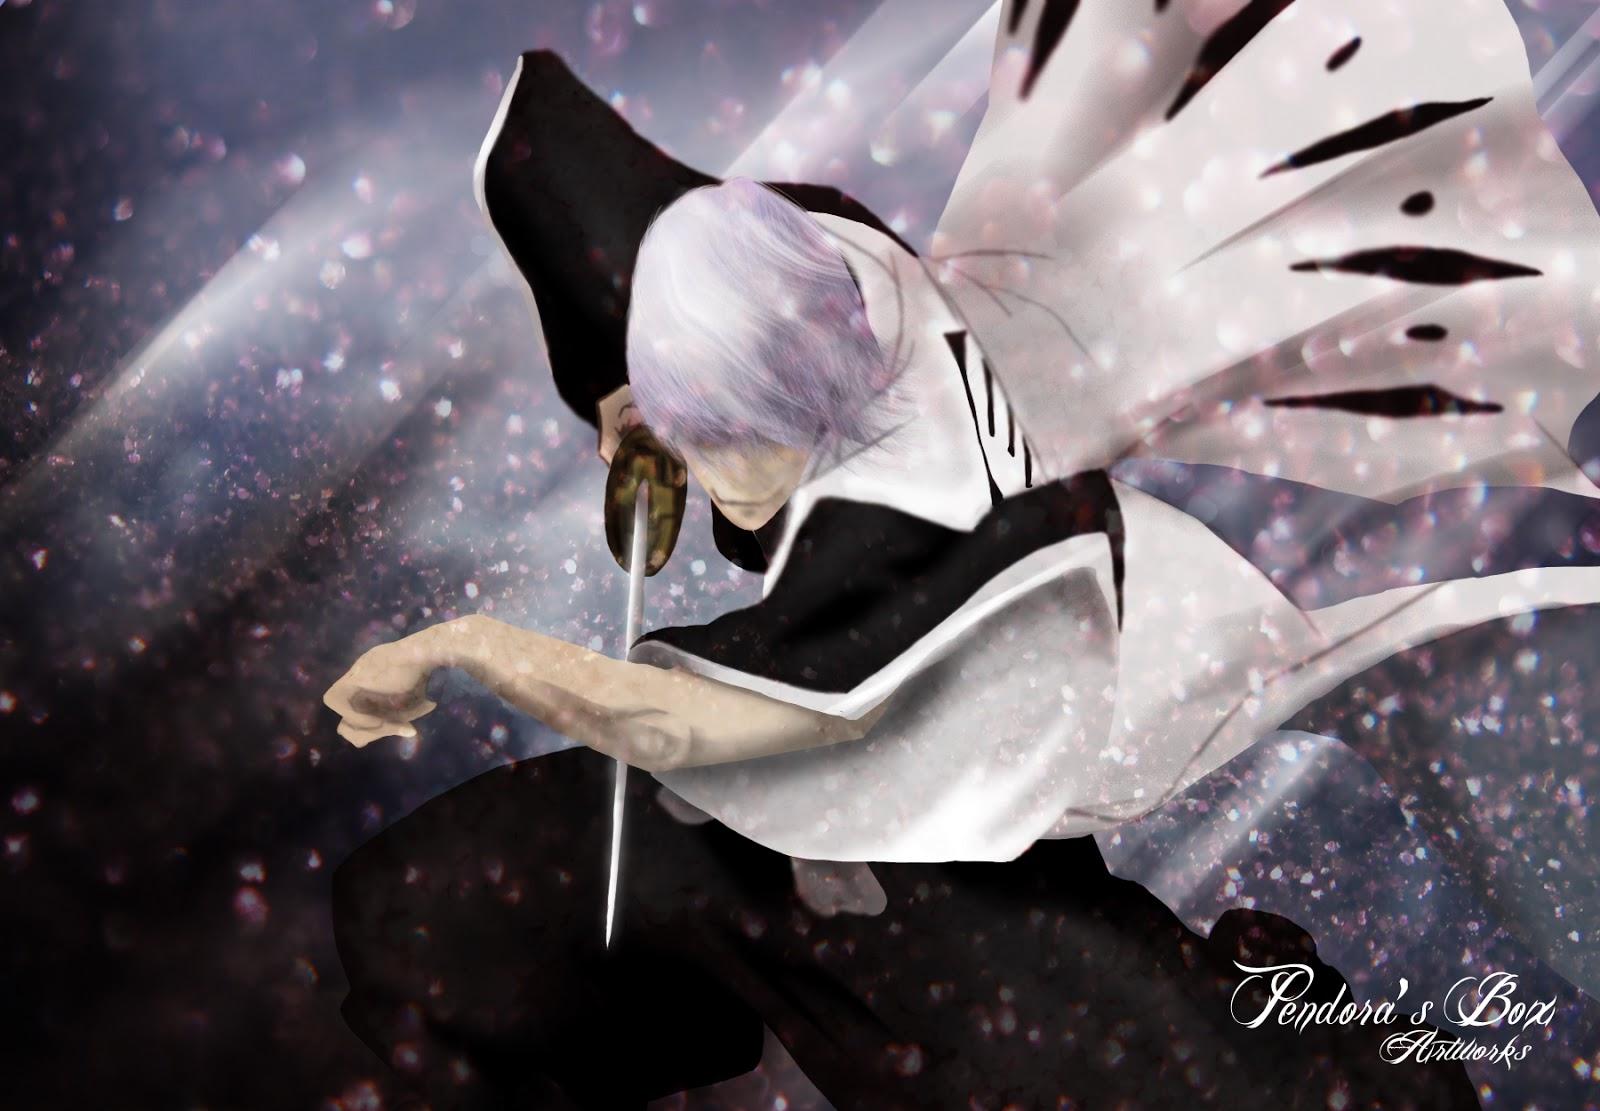 Monster Bego 10 Tokoh Paling Keren Dalam Anime Jepang